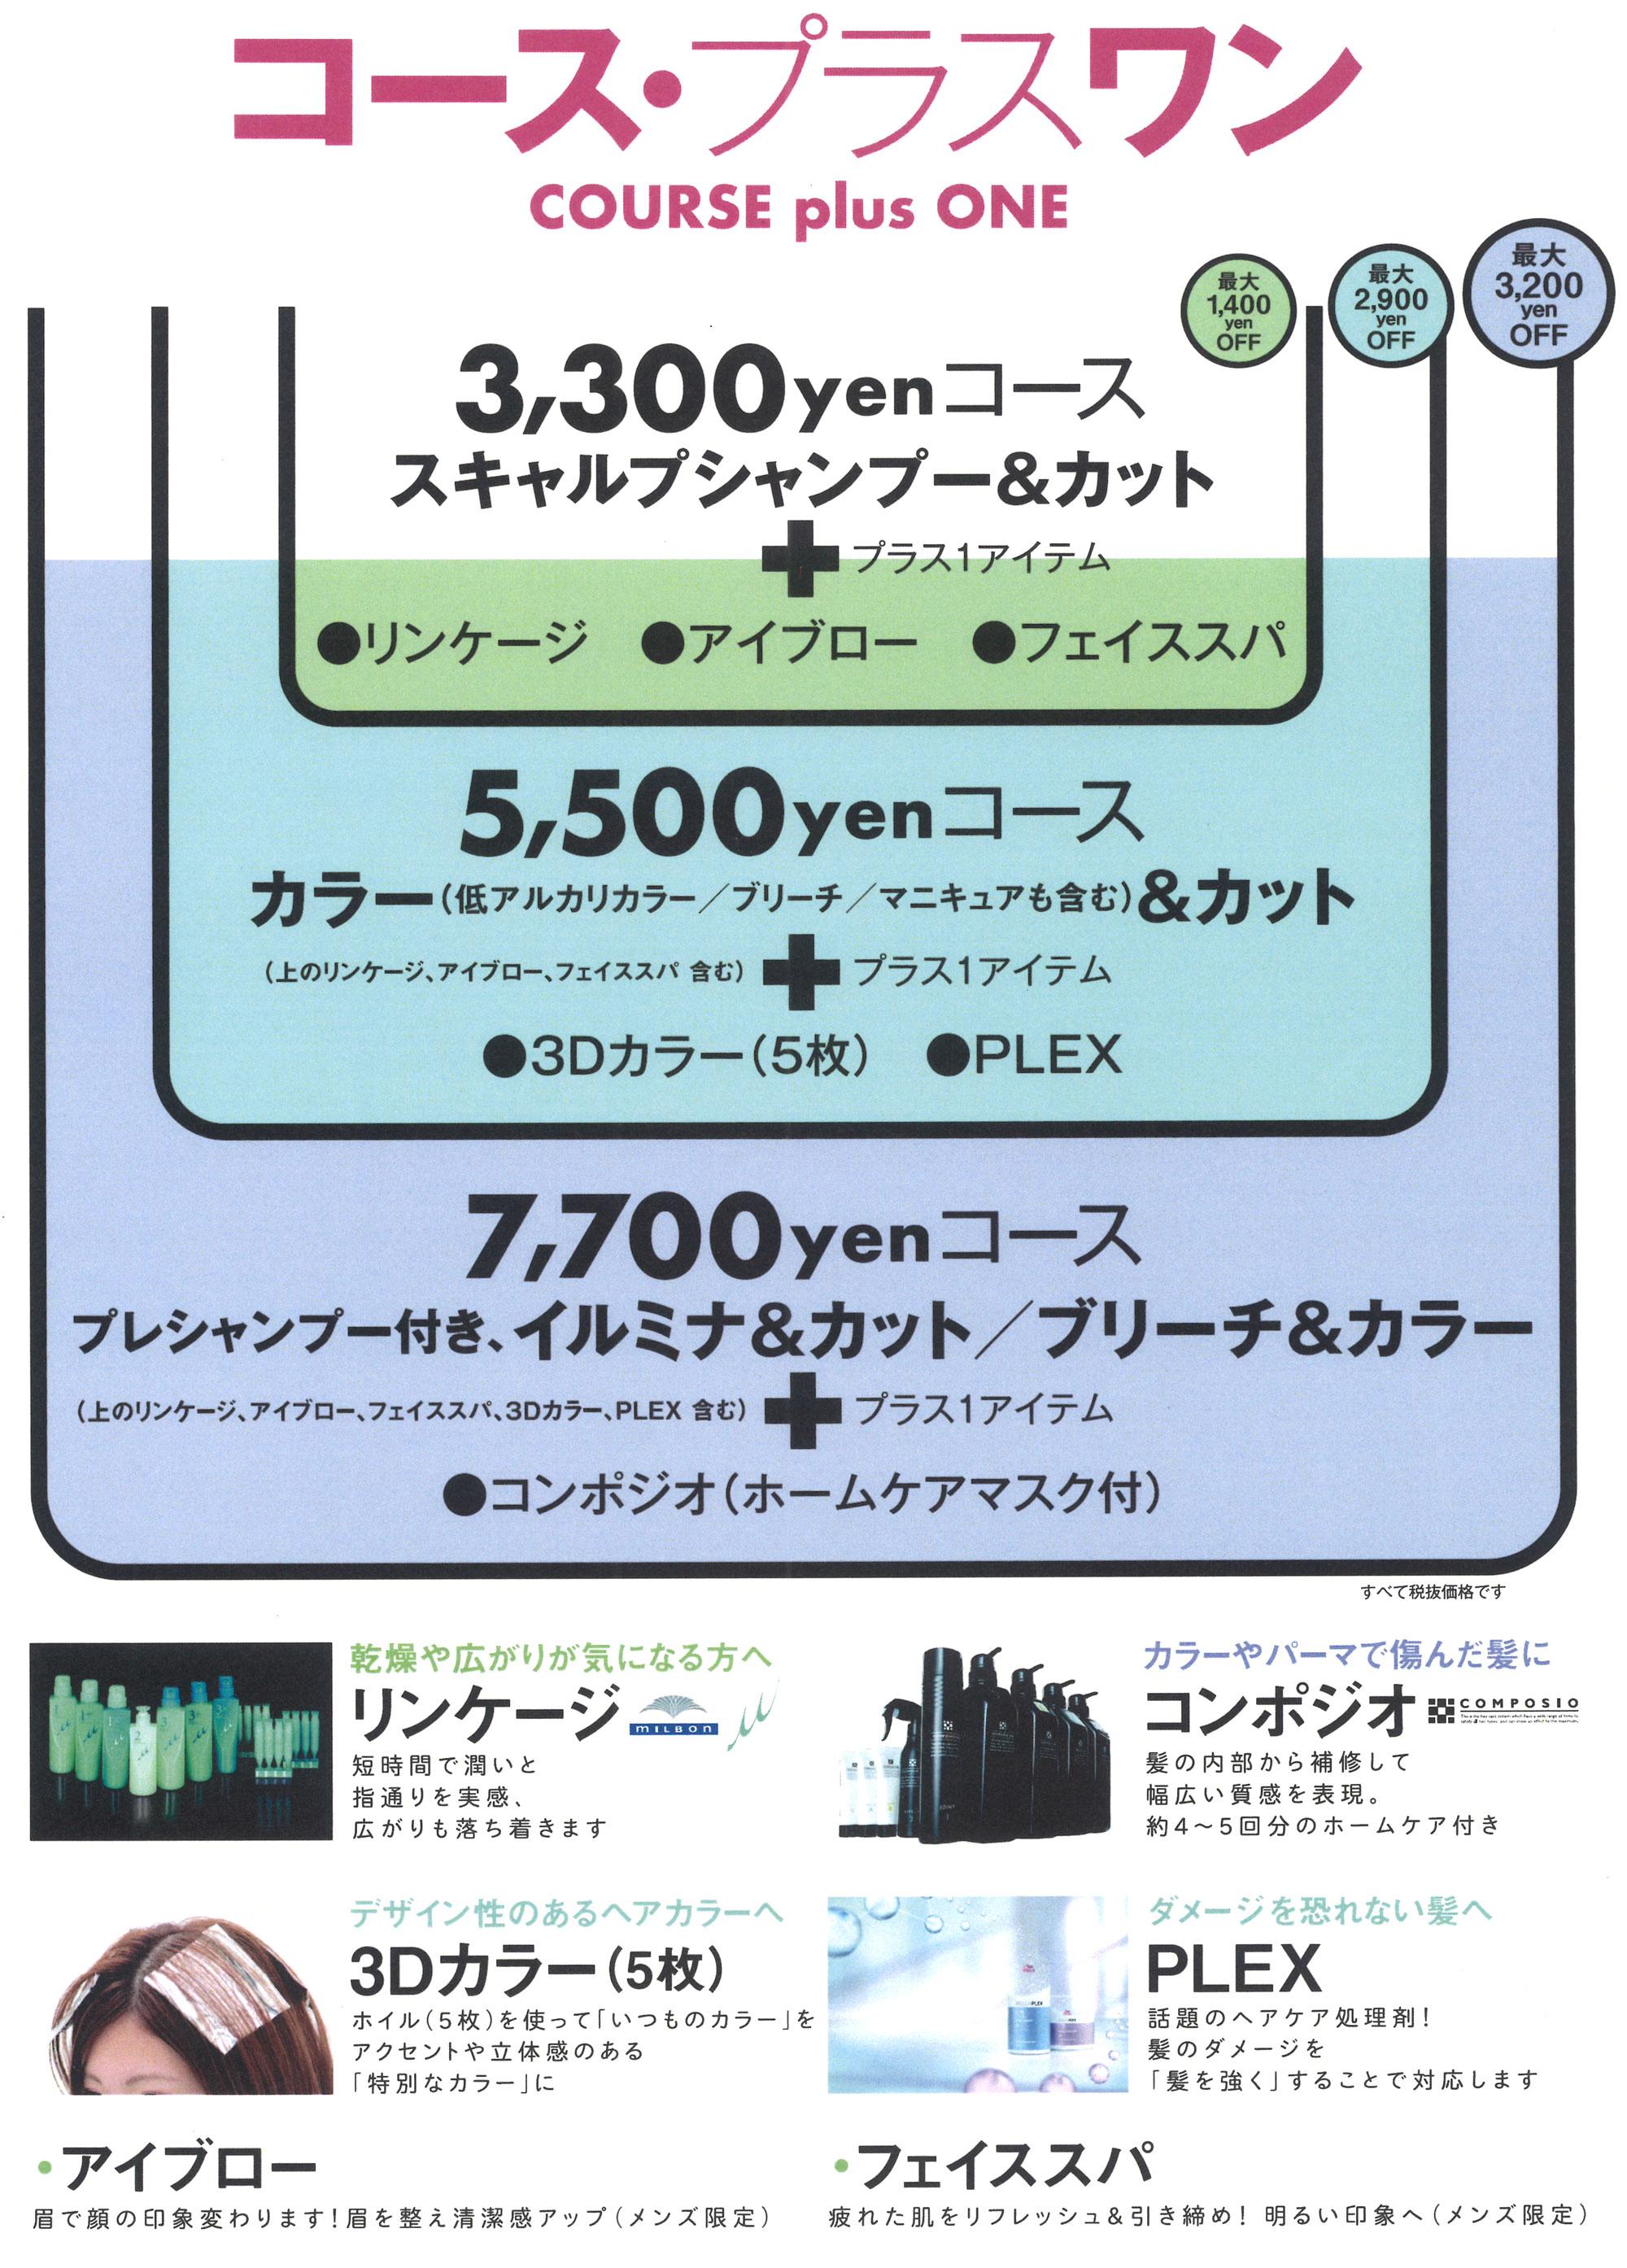 イメージア全店★春夏キャンペーン2019内容